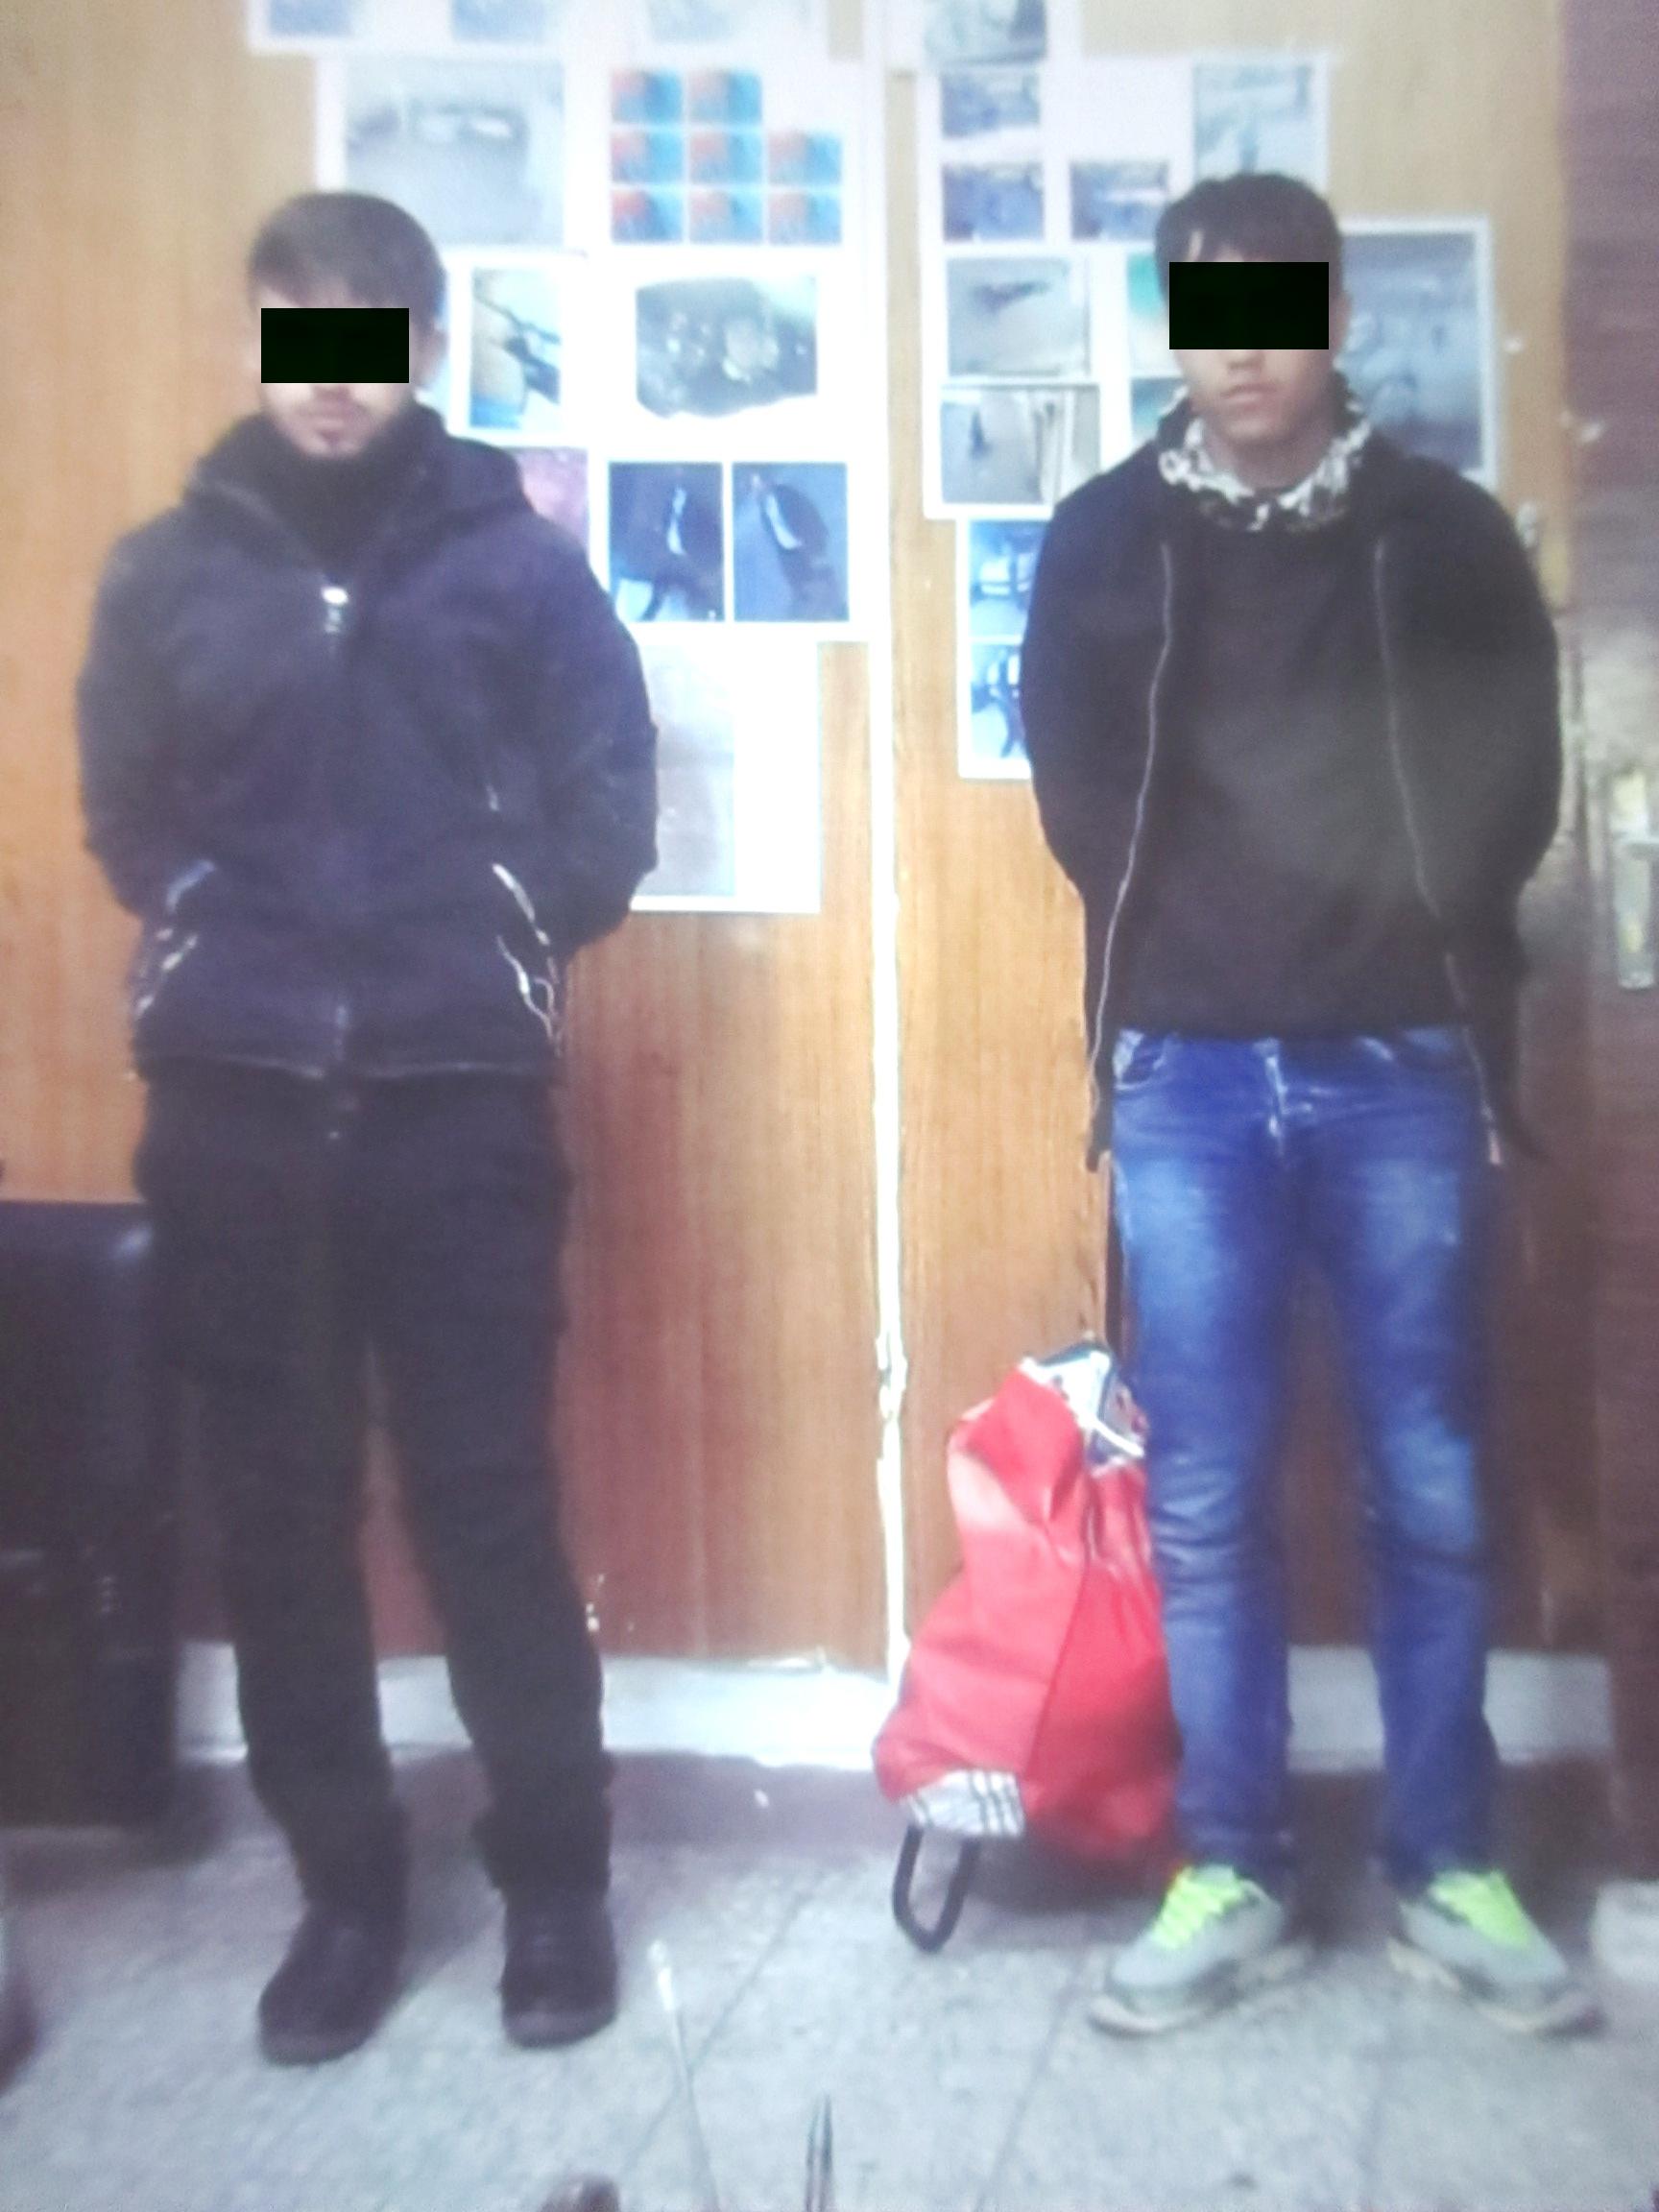 قتل پسر نوجوان با قمه و قداره/ تعرض به زن جوان در ملاء عام + تصاویر